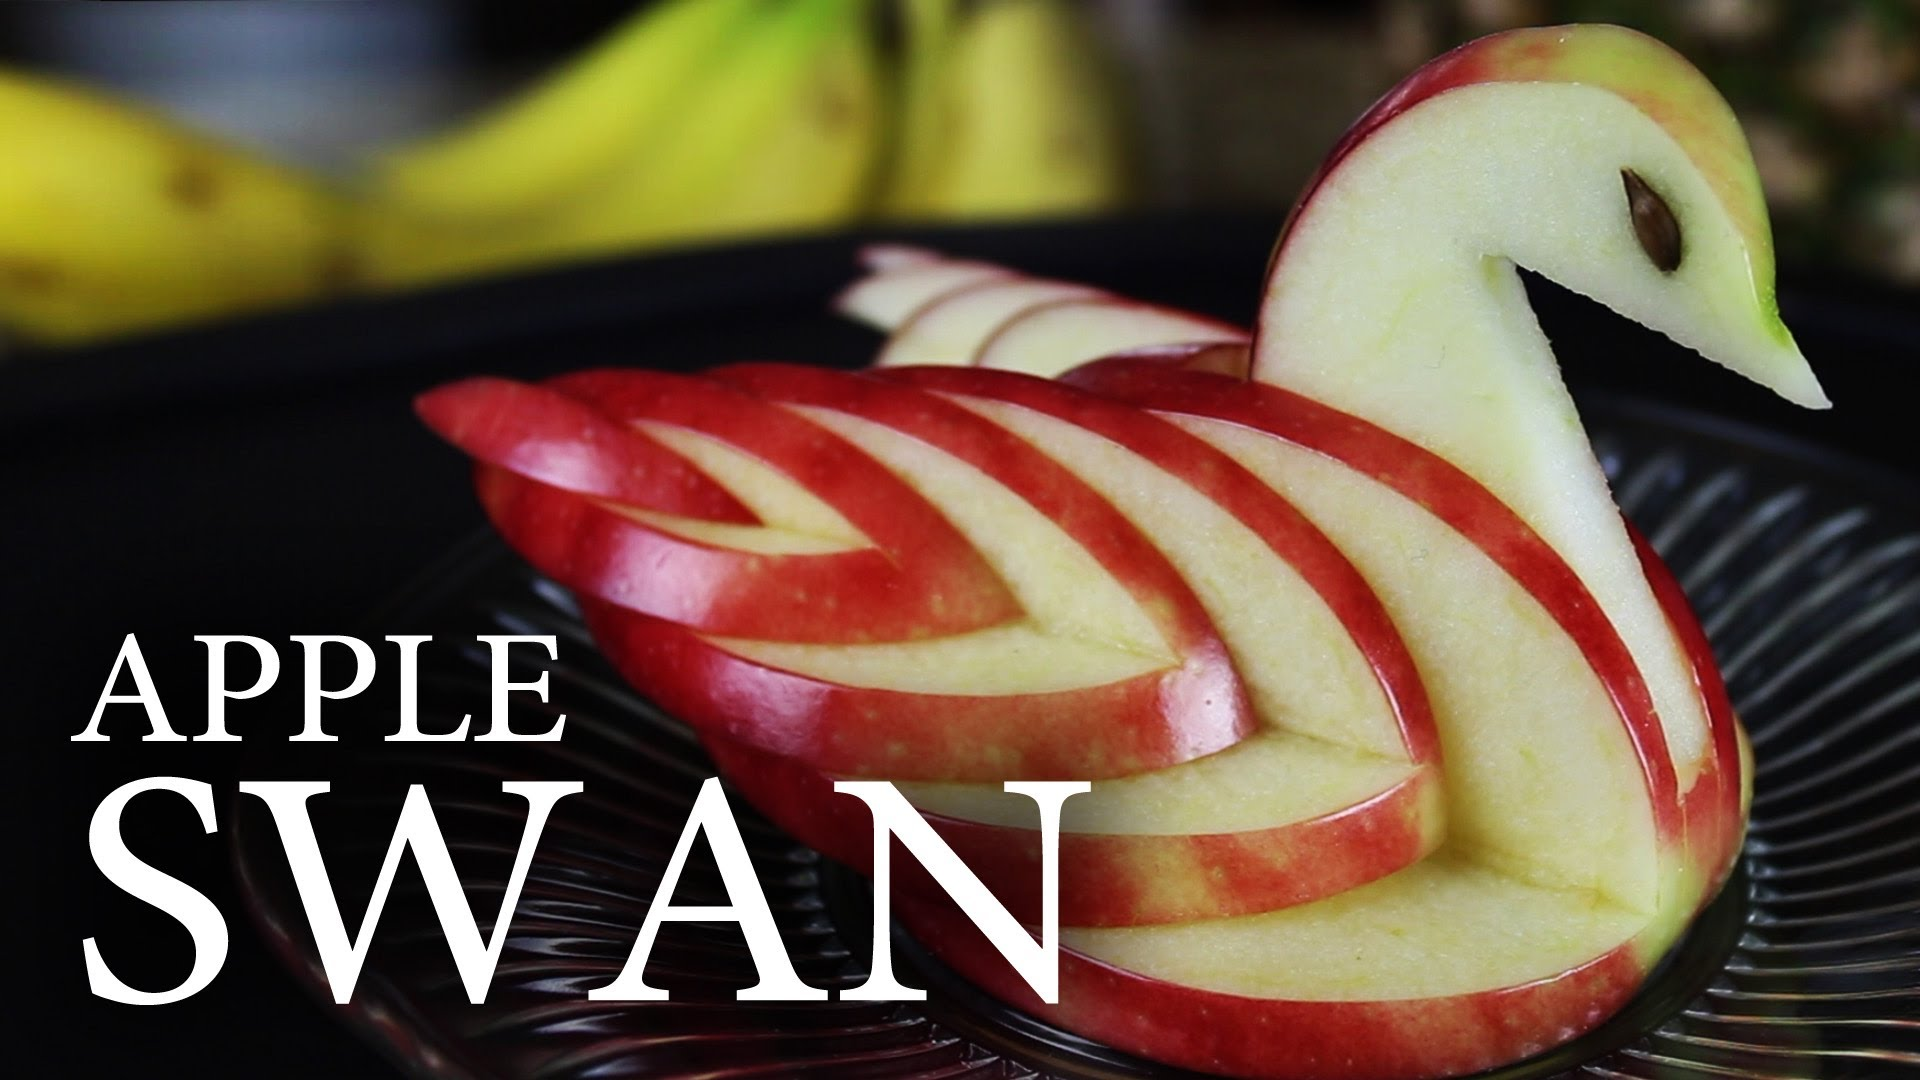 بالفيديو: كيف تصنعين بجعة من التفاح لتزيين المائدة؟